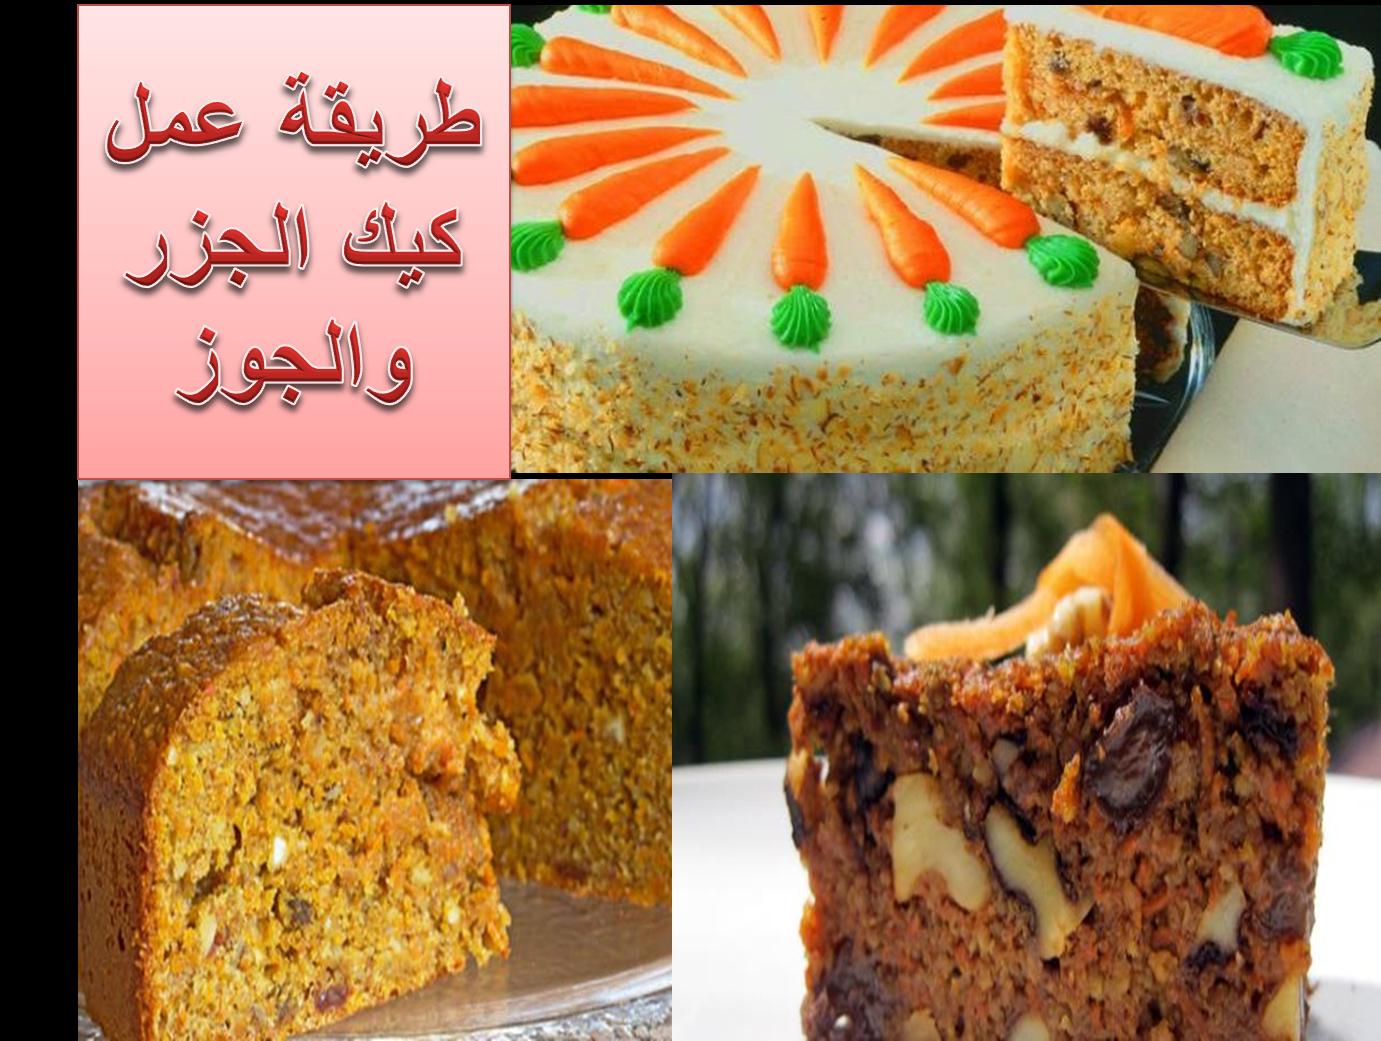 كيك الجزر والجوز Desserts Food Cake